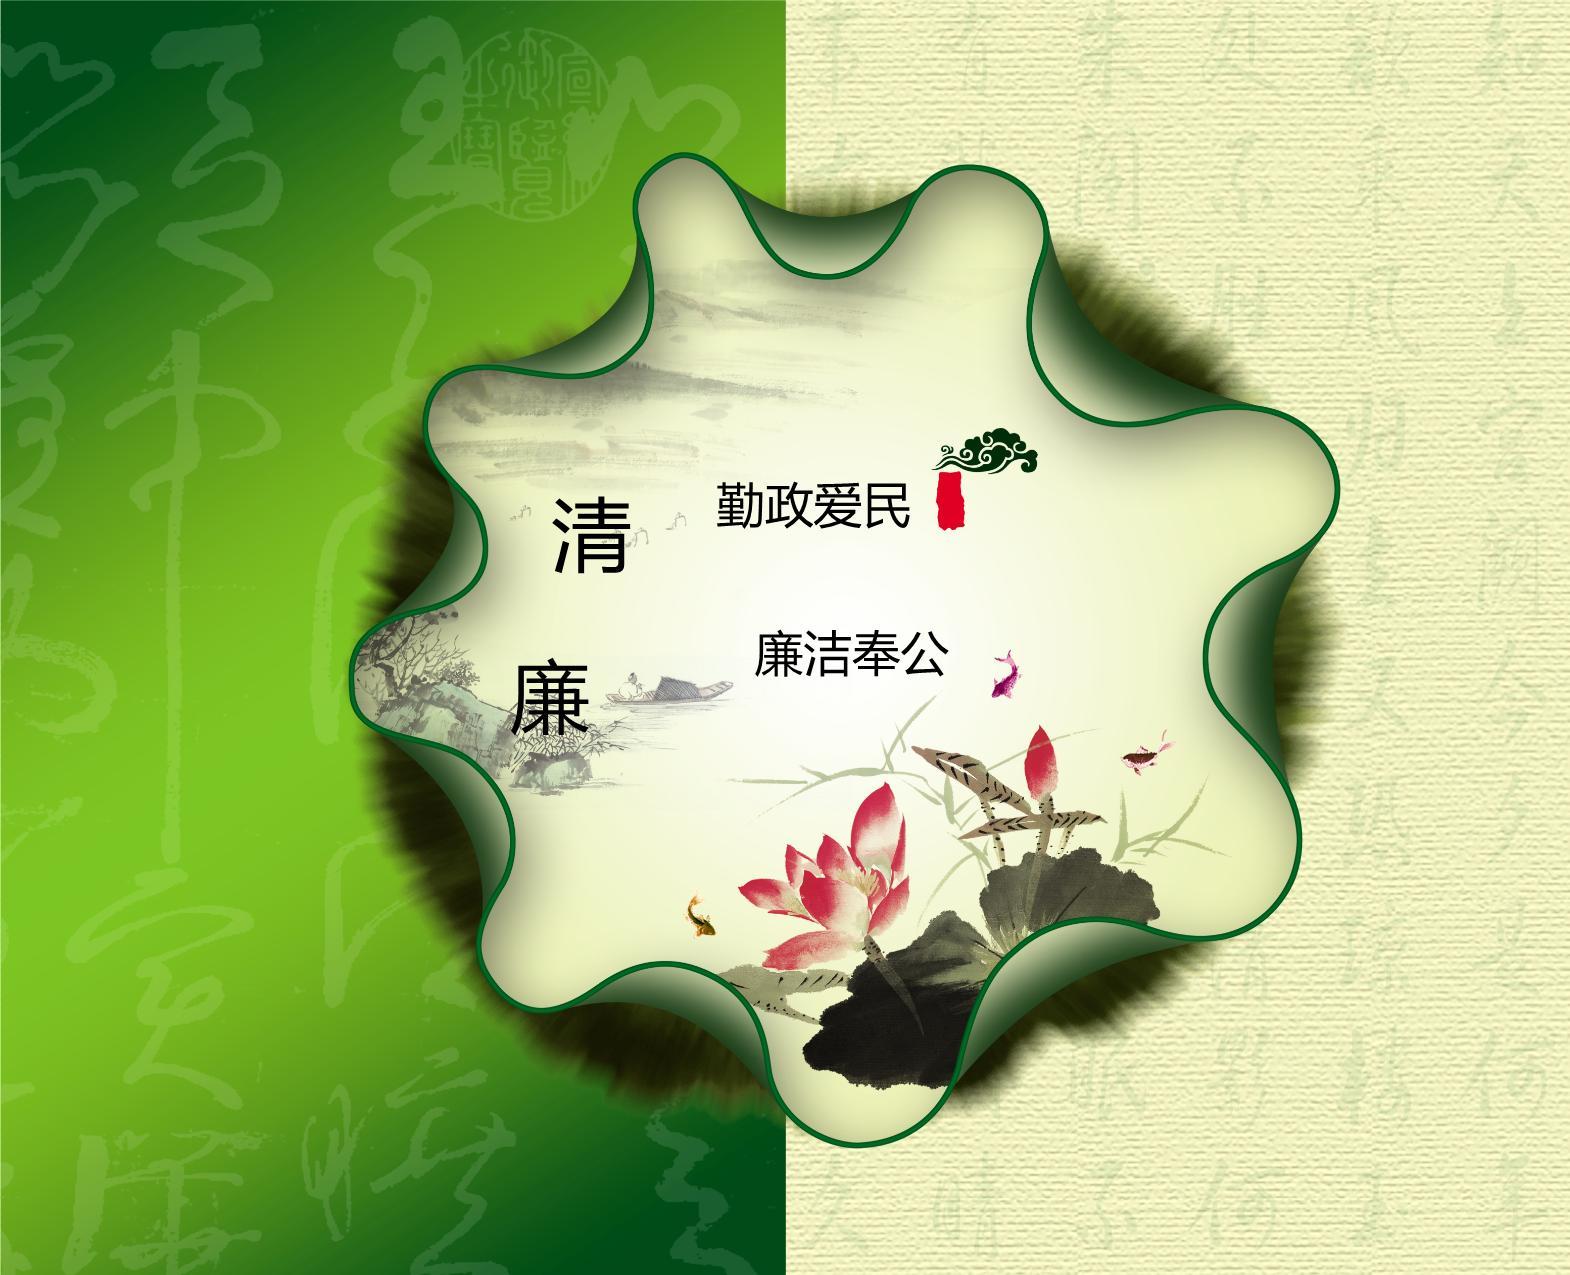 绿色荷叶文化鼠标垫模板下载